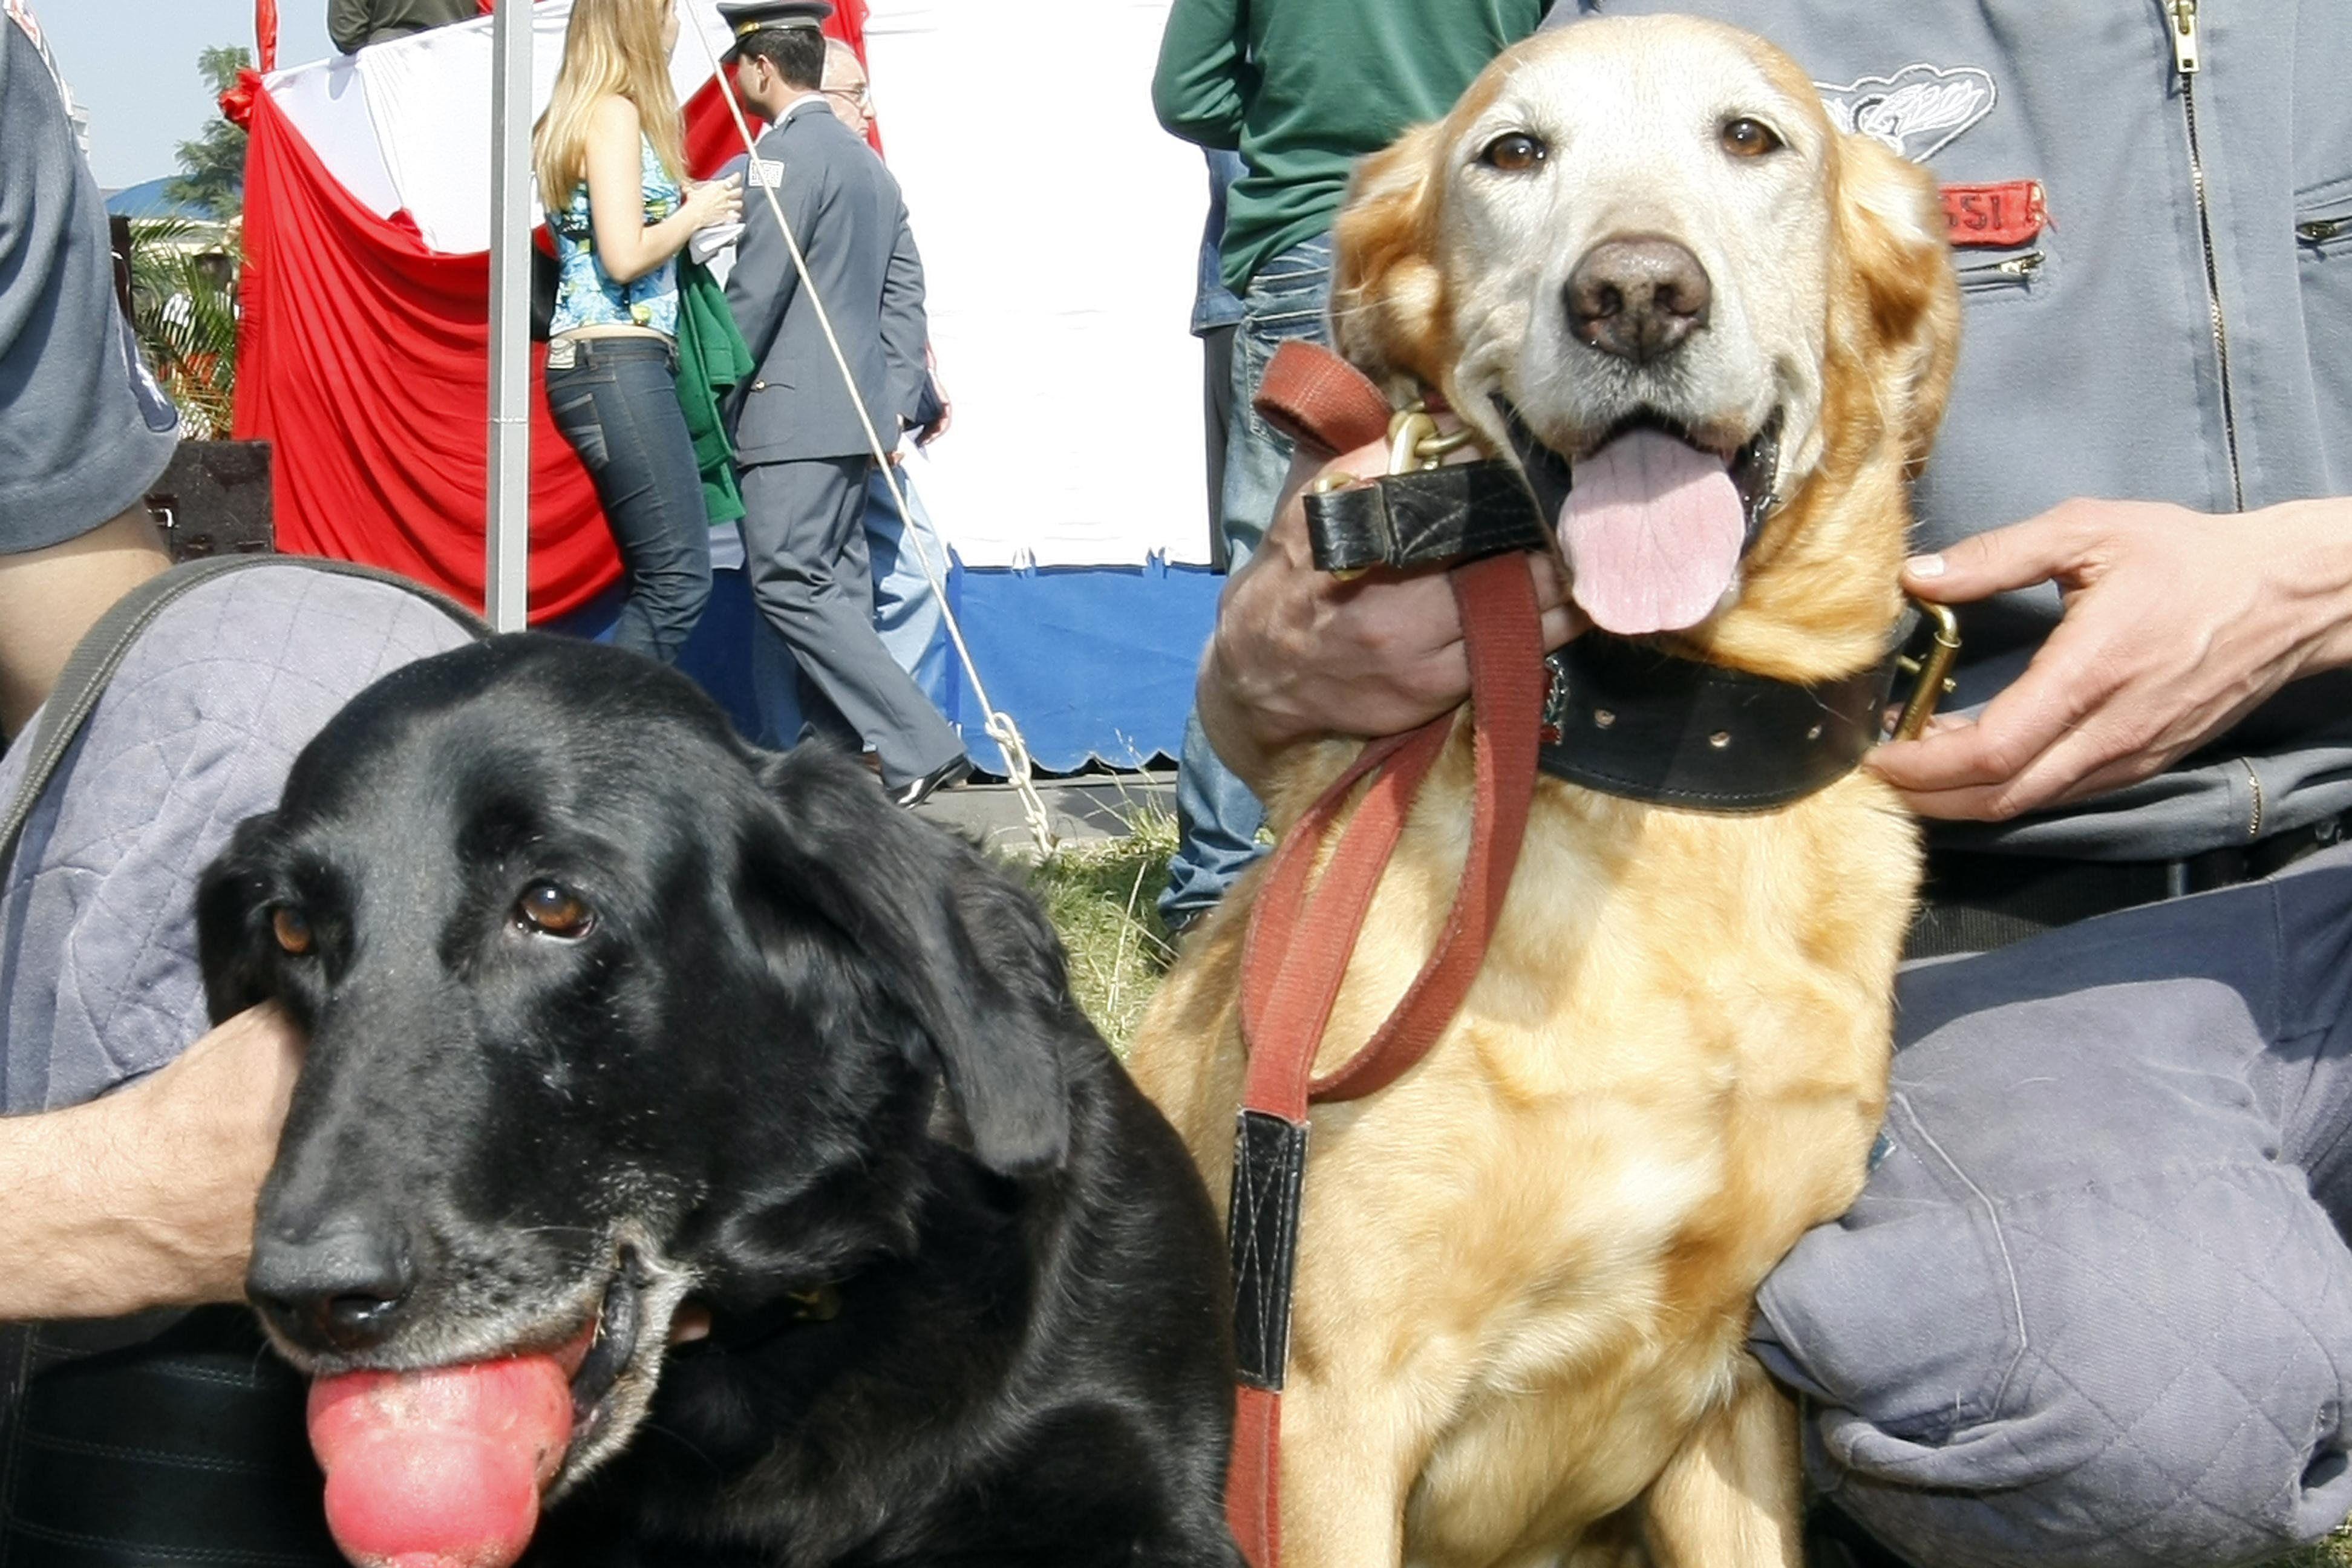 Cães usados em resgate pelo Corpo de Bombeiros / Mastrangelo Reino/Folhapress